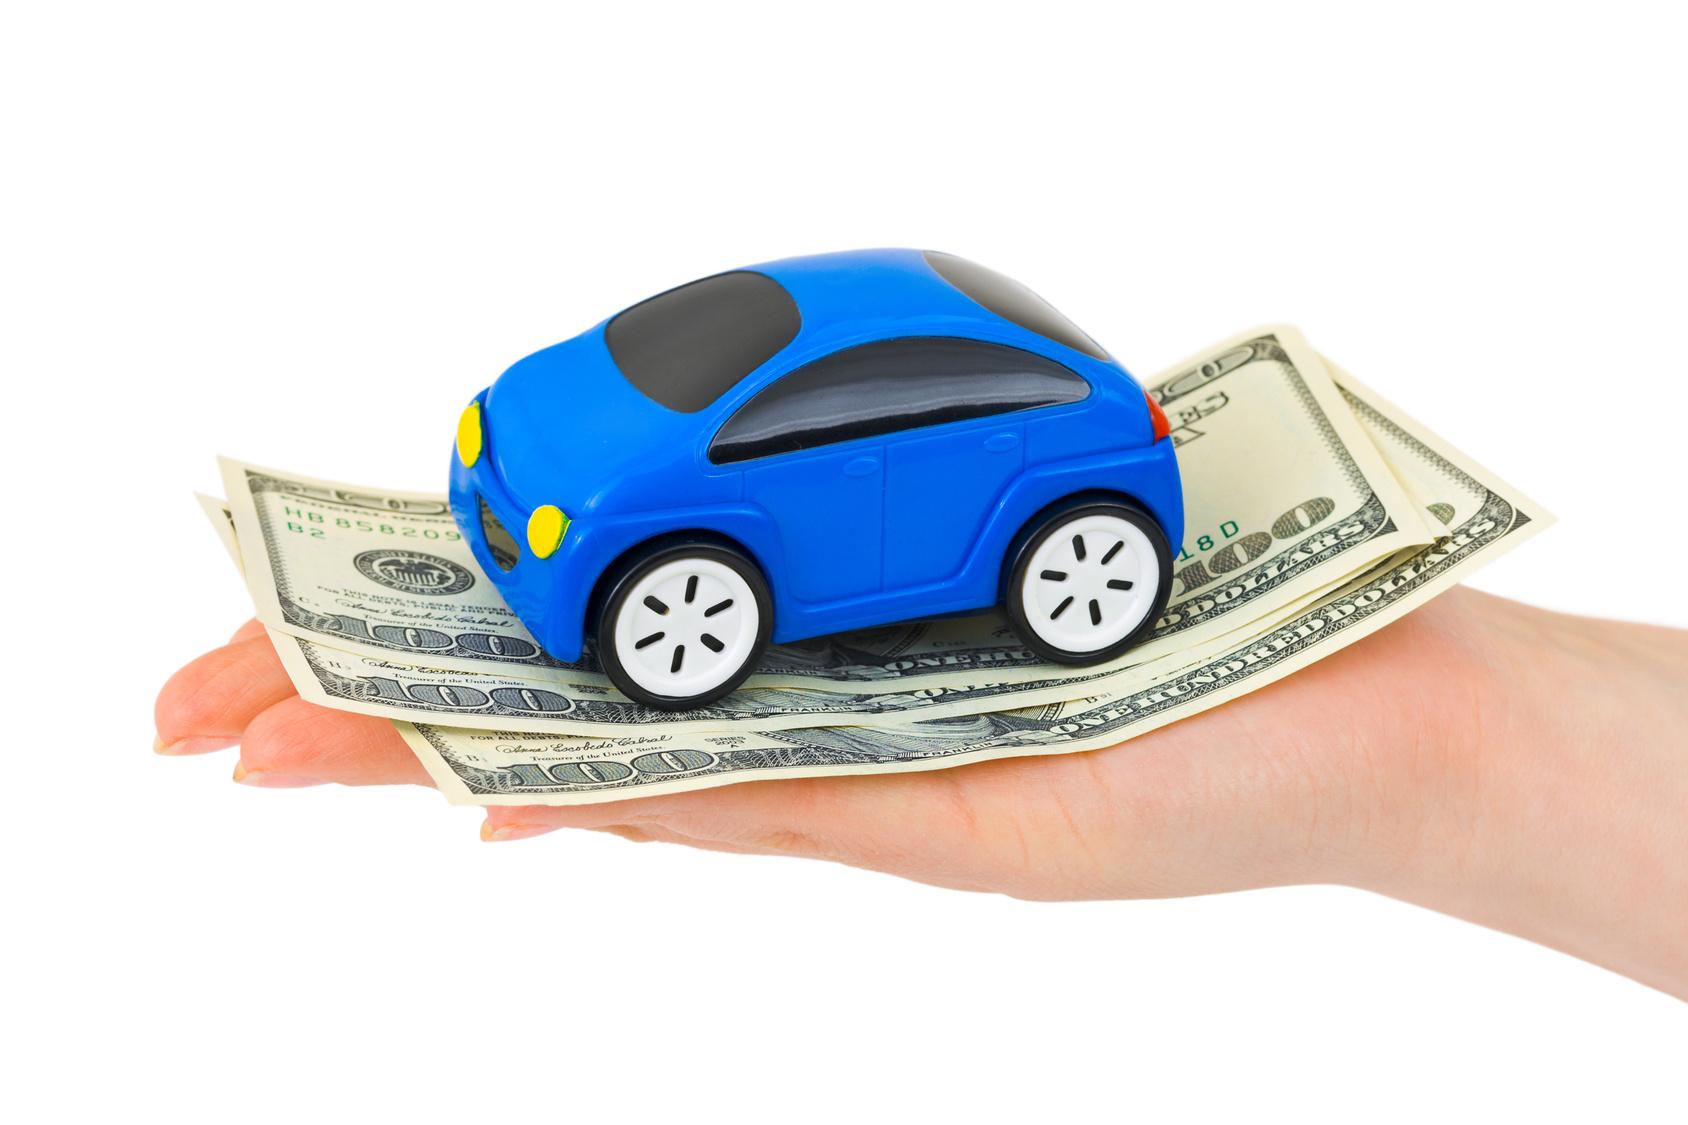 2 Kriteria Penting Dalam Memilih Perusahaan Asuransi Kendaraan Terbaik